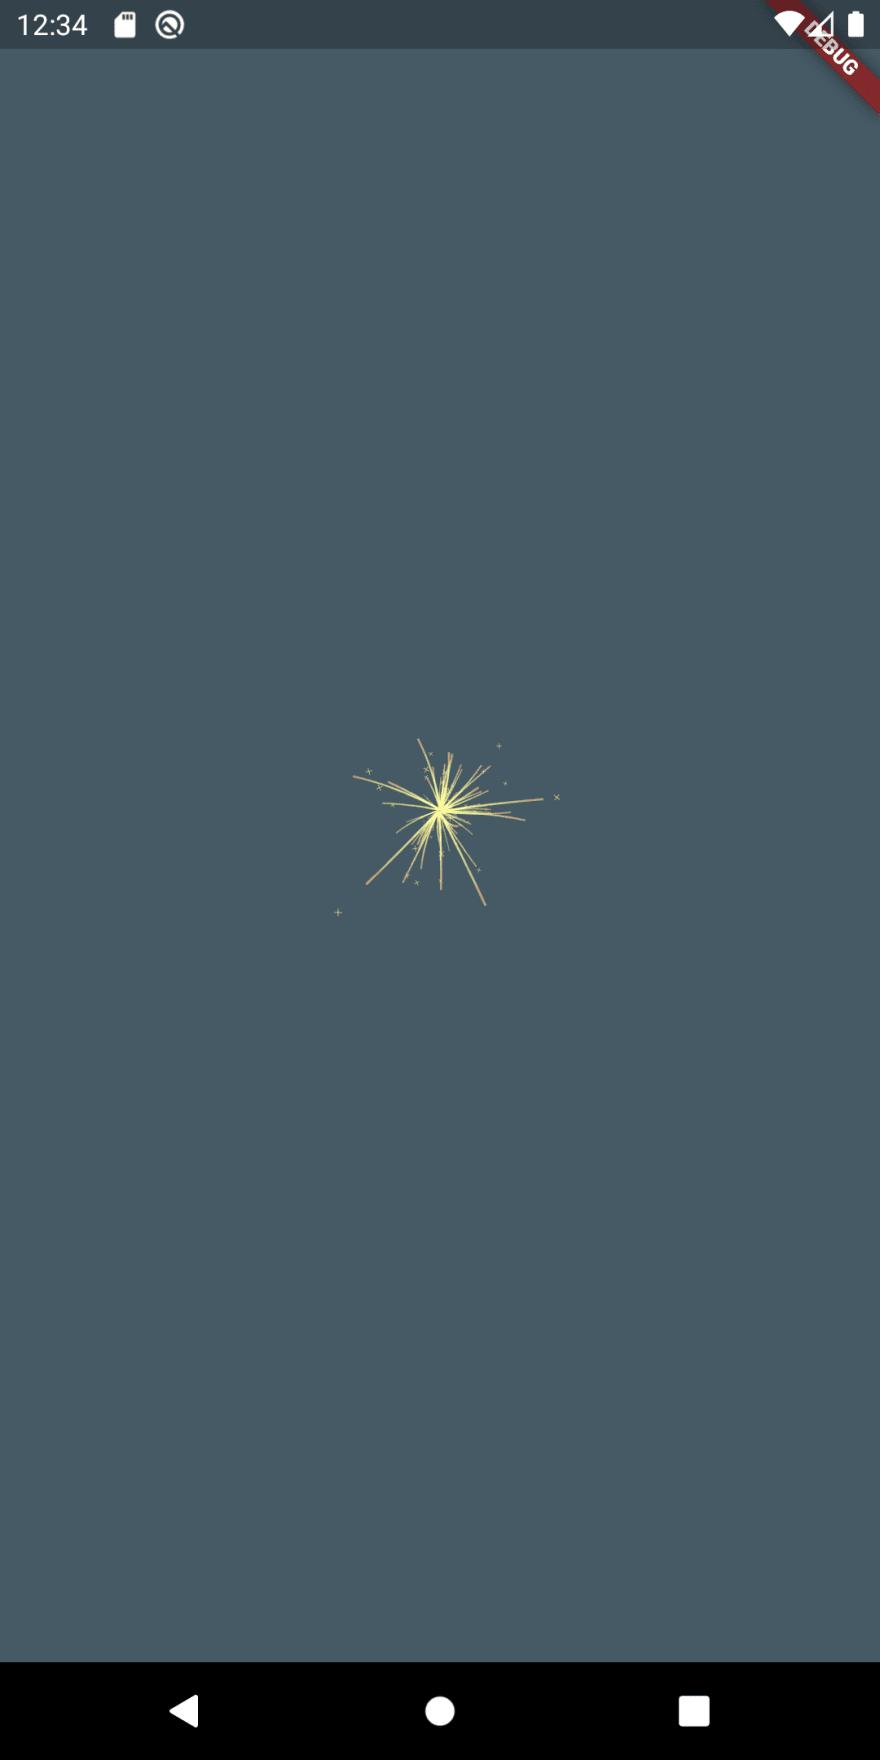 Flutter sparkler iteration 4